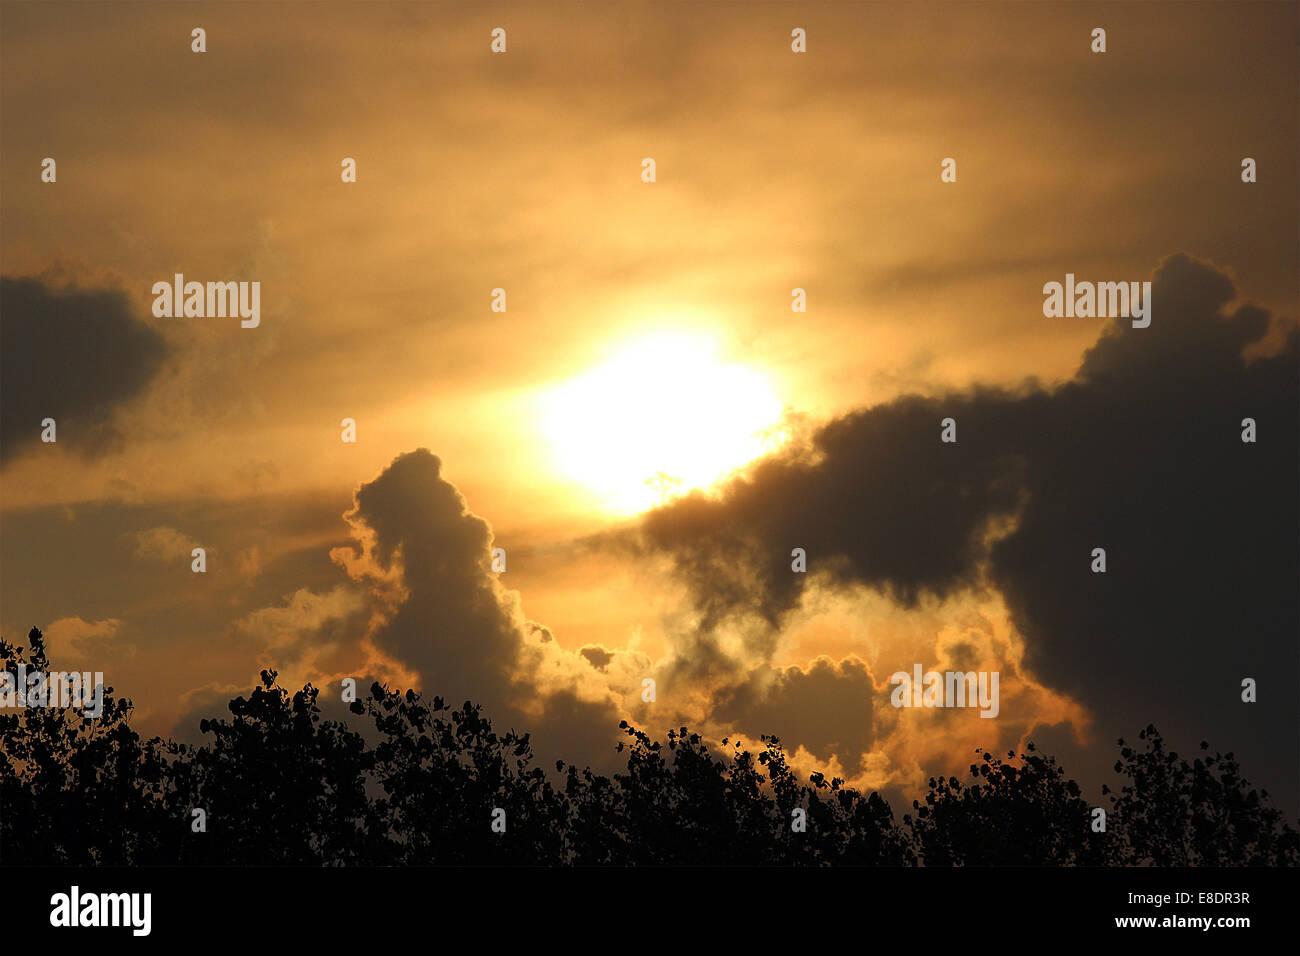 Ciel, les nuages, les feuilles d'arbres, Soleil, Soleil '', sky line. Photo Stock